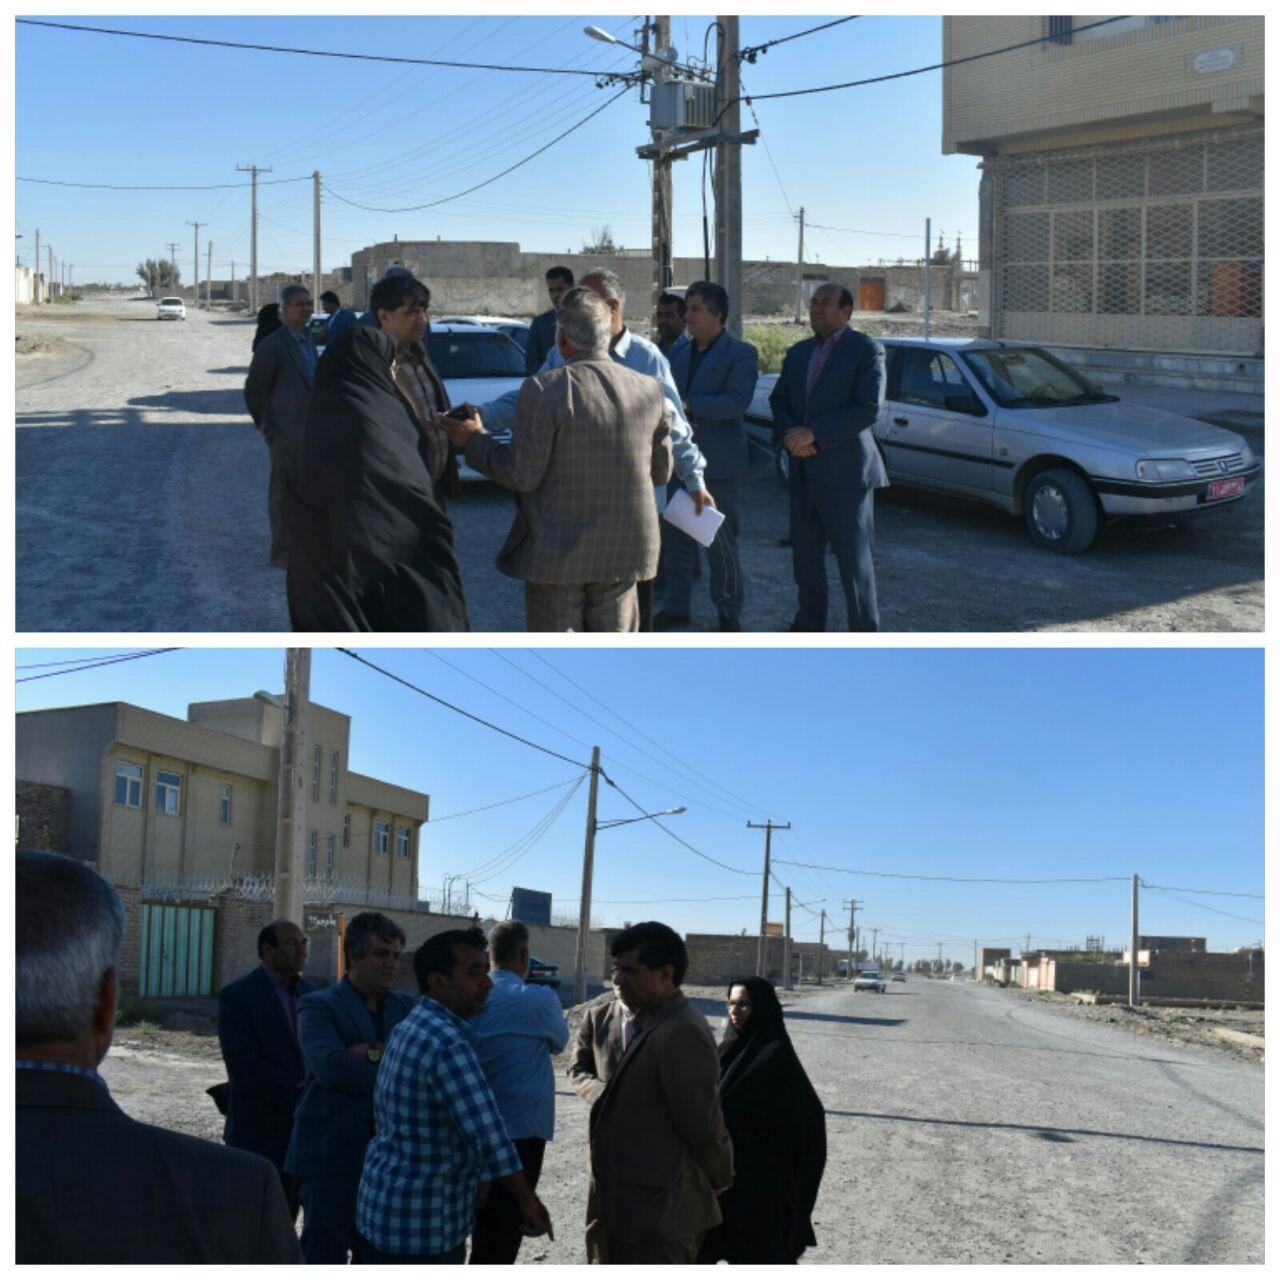 بازدید فرماندار شهرستان زابل در معیت تعدادی از مدیران دستگاههای اجرائی از محله شیخ آباد